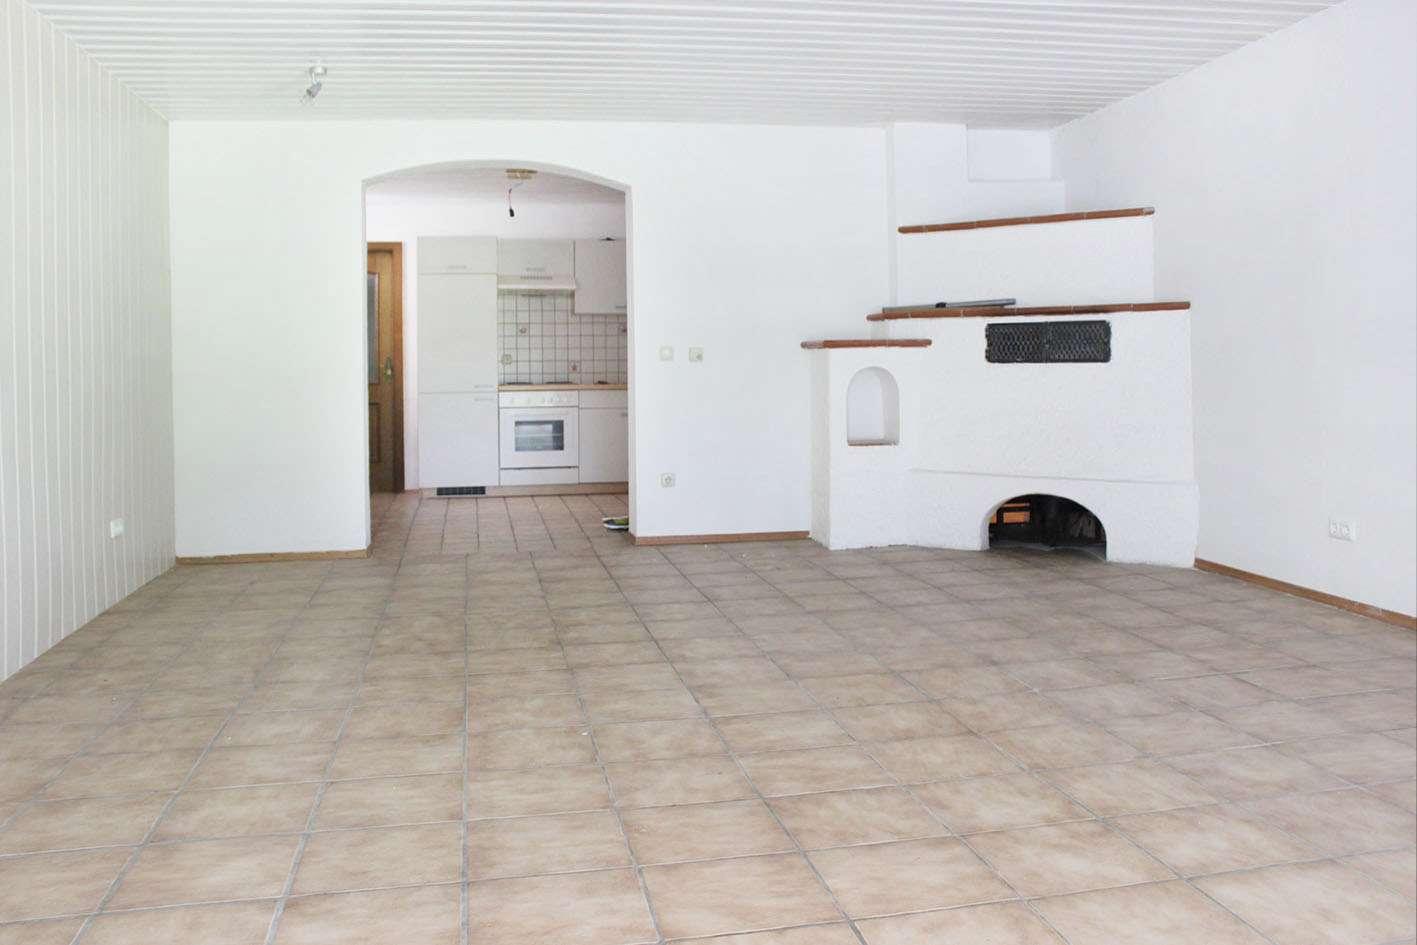 Gartenwohnung, 75 m2 große 1-Zi. Wohnung, leichter Souterrain mit Terrasse am Samerberg in